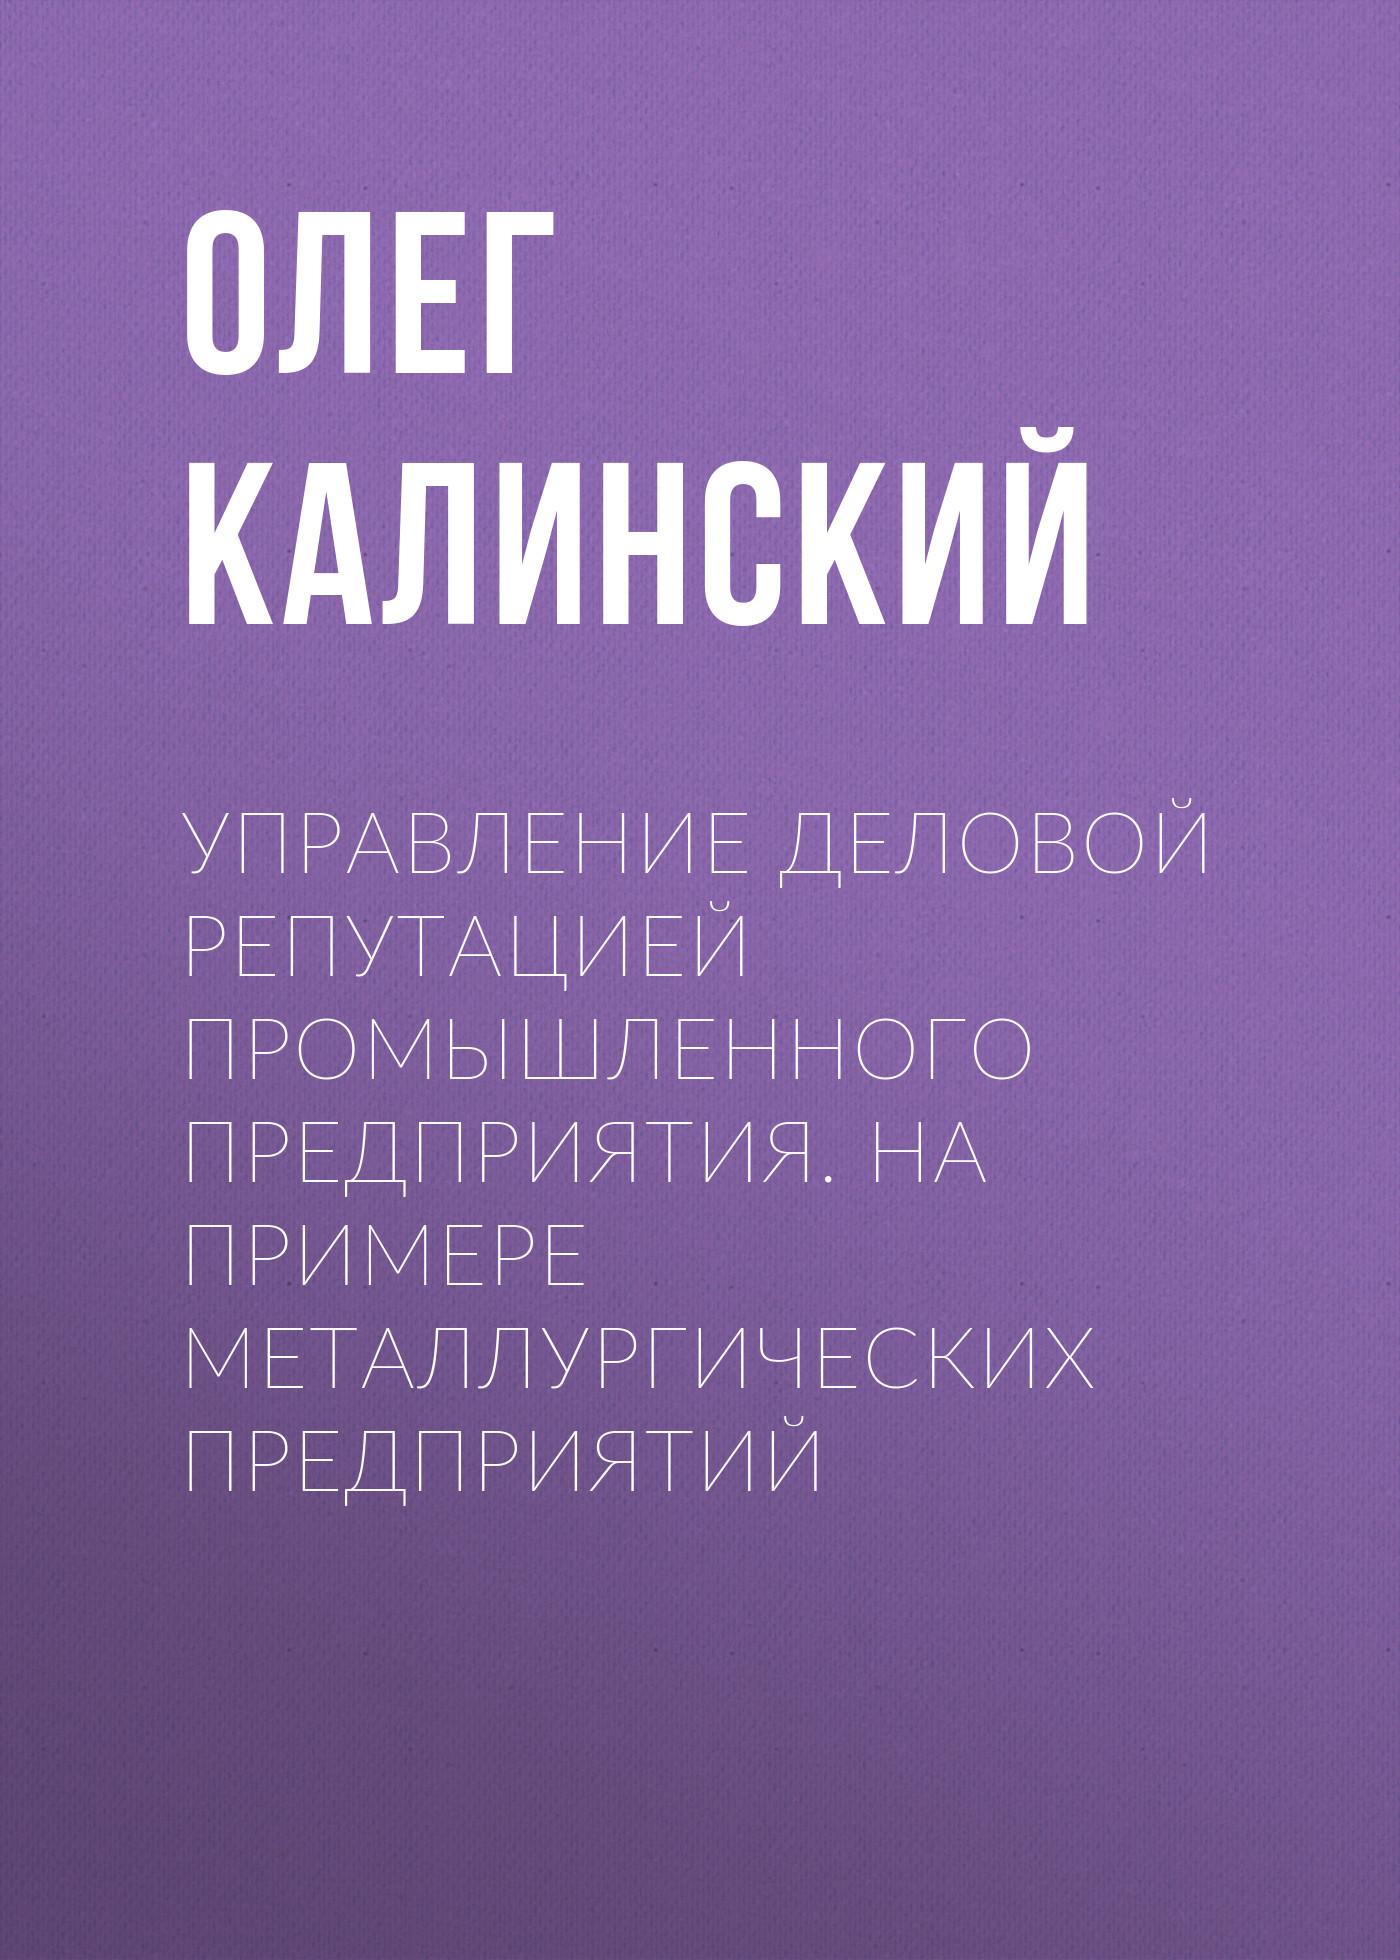 О. И. Калинский Управление деловой репутацией промышленного предприятия. На примере металлургических предприятий